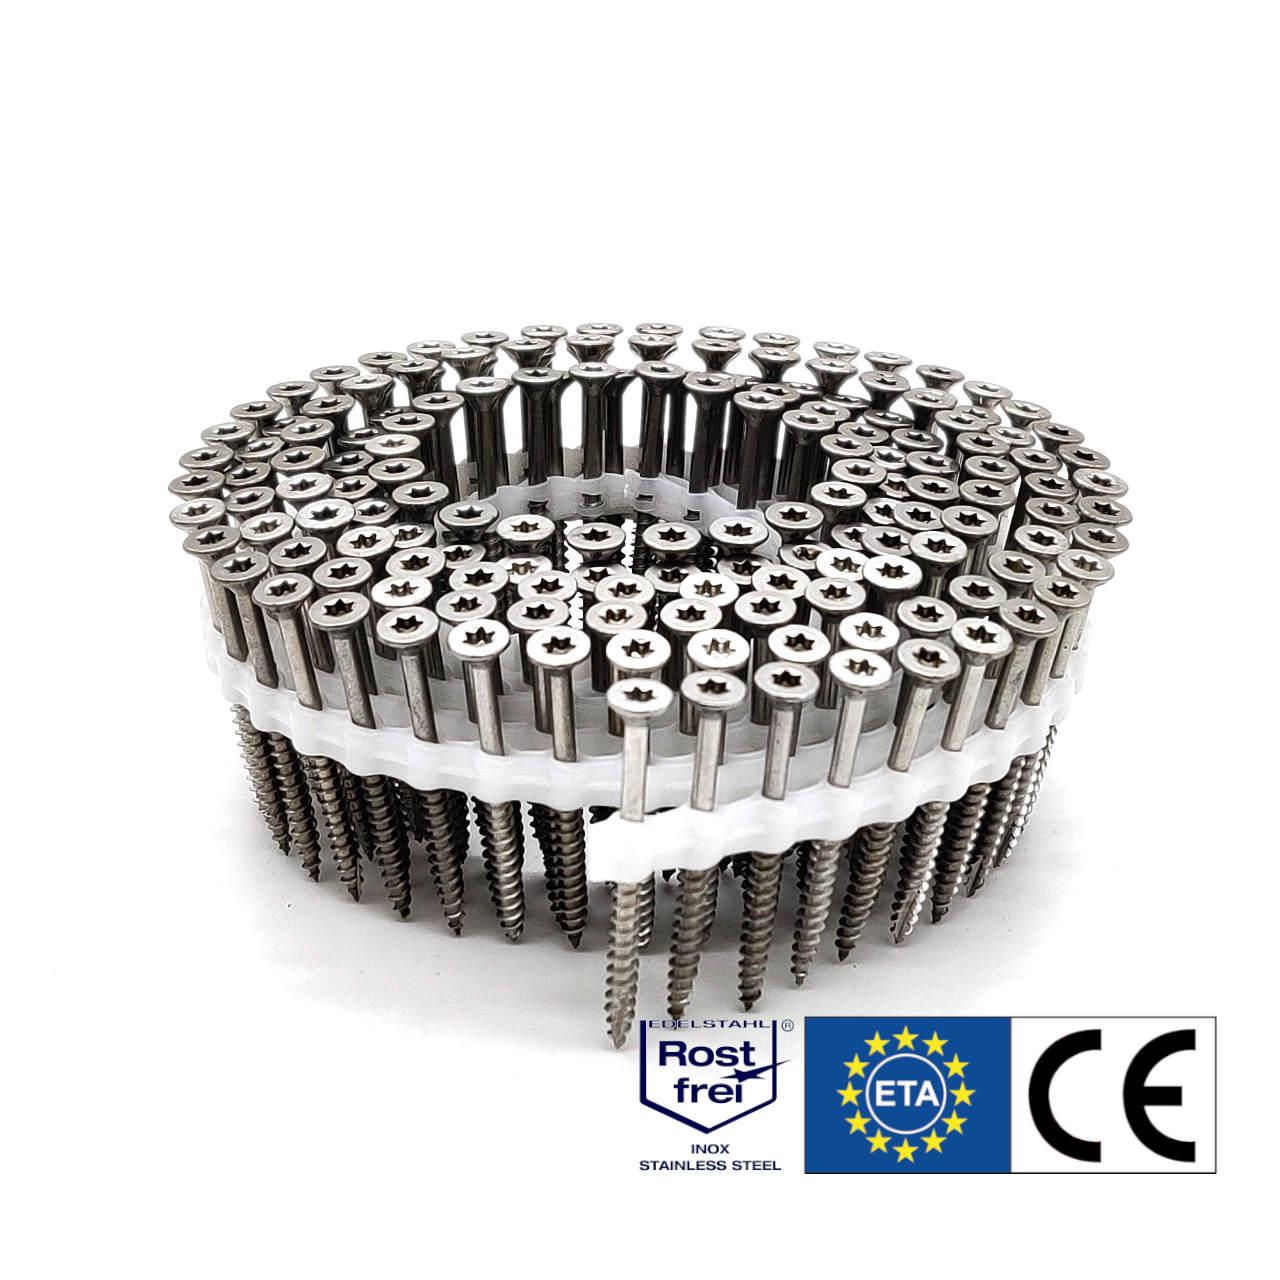 Coil Universalschrauben | rostfrei A2 | Teilgewinde | 4,0x40